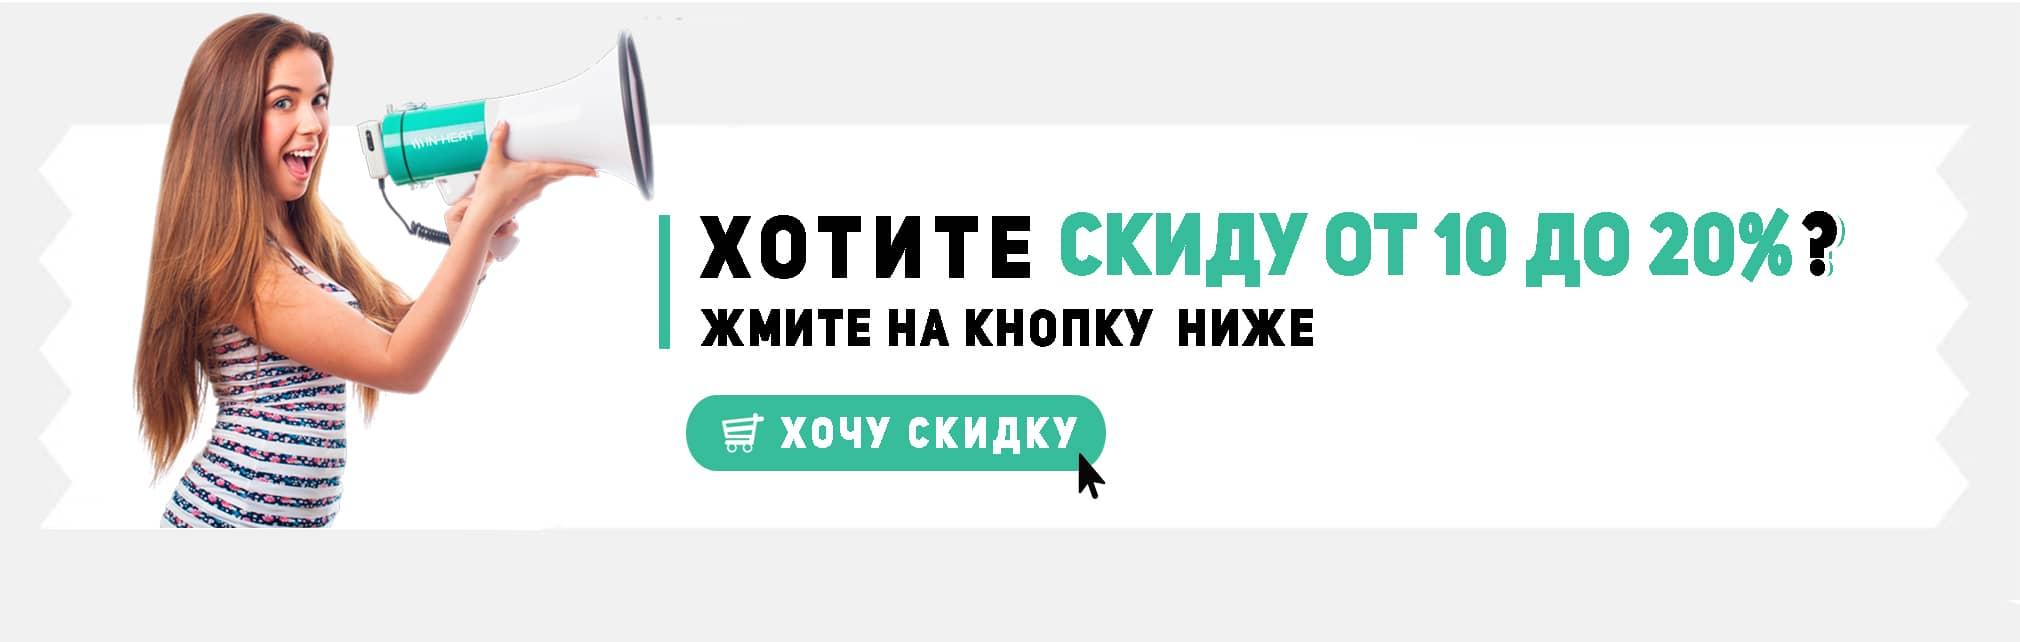 Кабельный мат Fenix ULTRA CM со скидкой в Украине